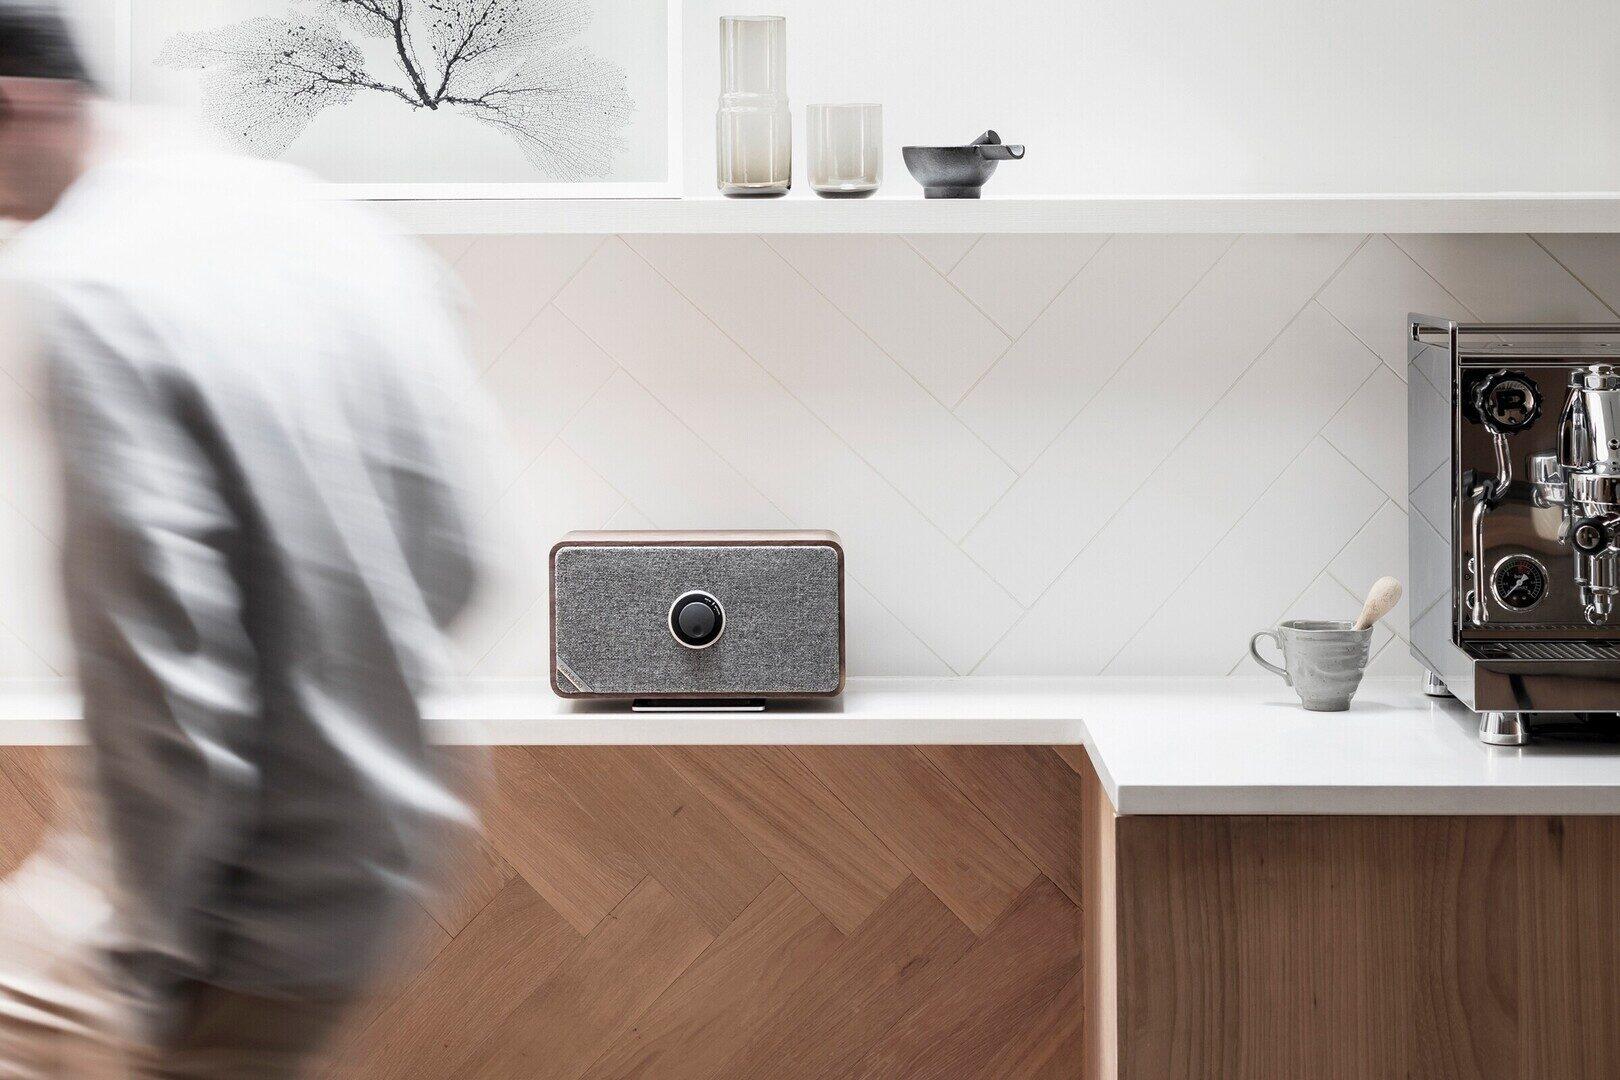 Тест аудиосистемы Ruark Audio MRx: уютно выглядит и уютно звучит